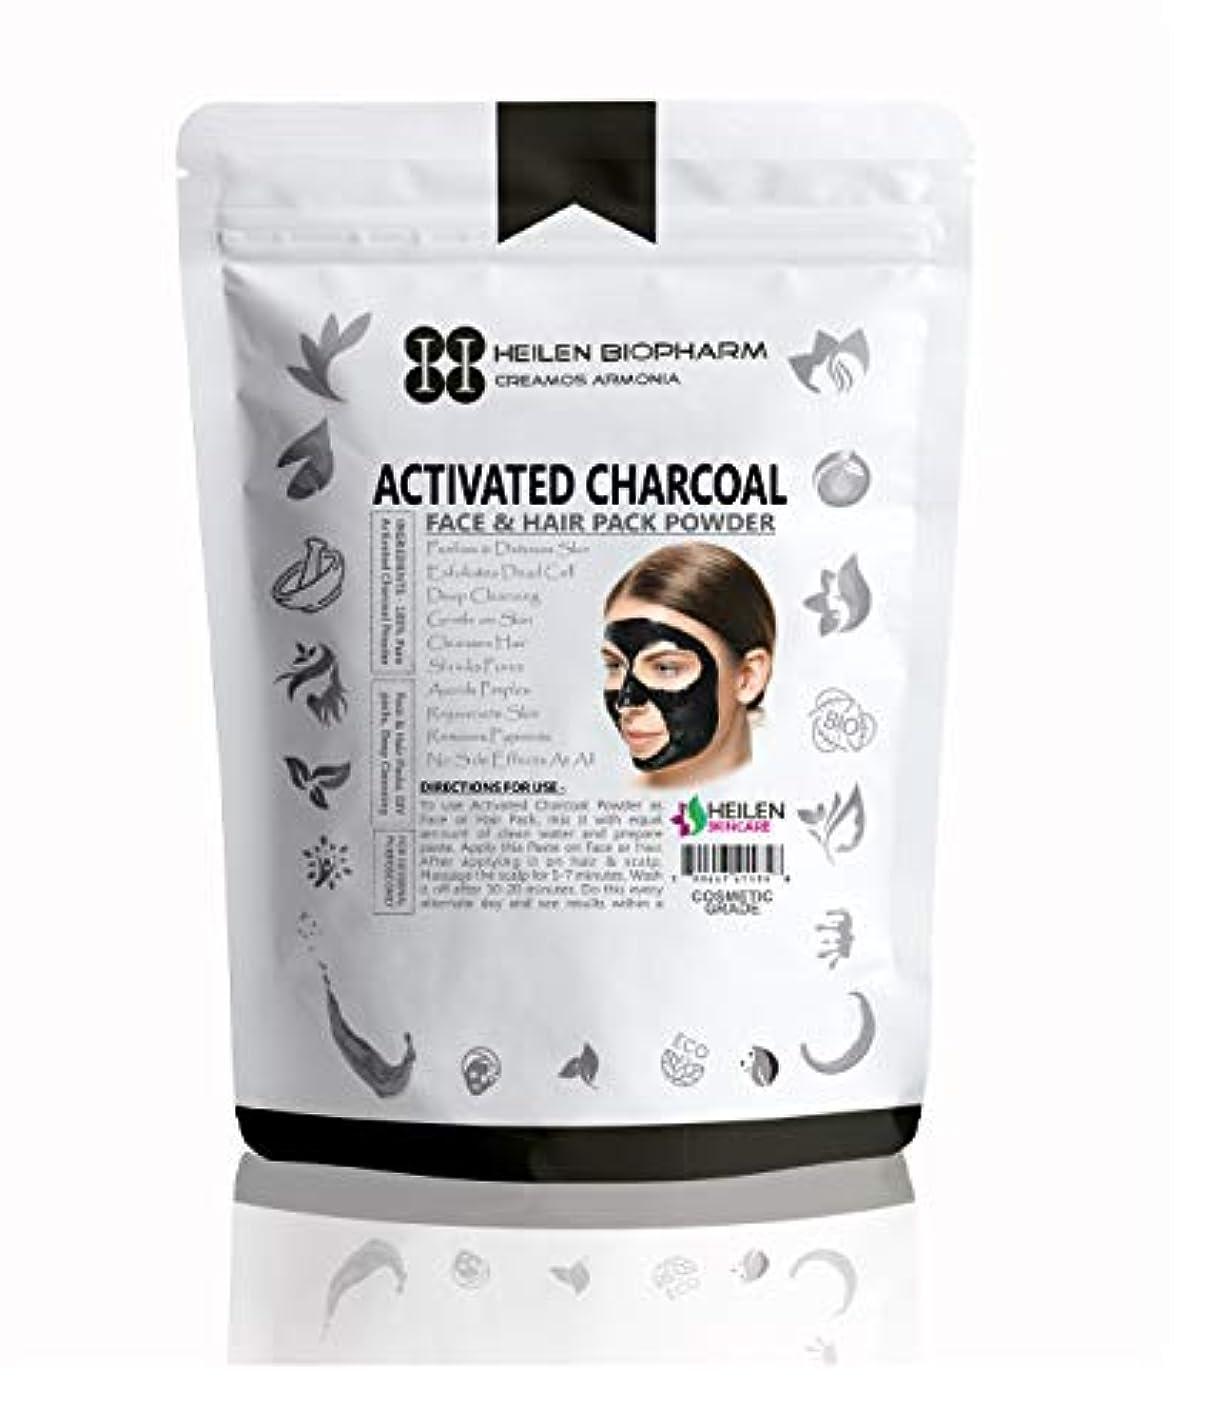 金銭的な免疫窓を洗う活性化チャコールパウダー(フェイスパック用)(Activated Charcoal Powder for Face Pack) (200 gm / 7 oz / 0.44 lb)